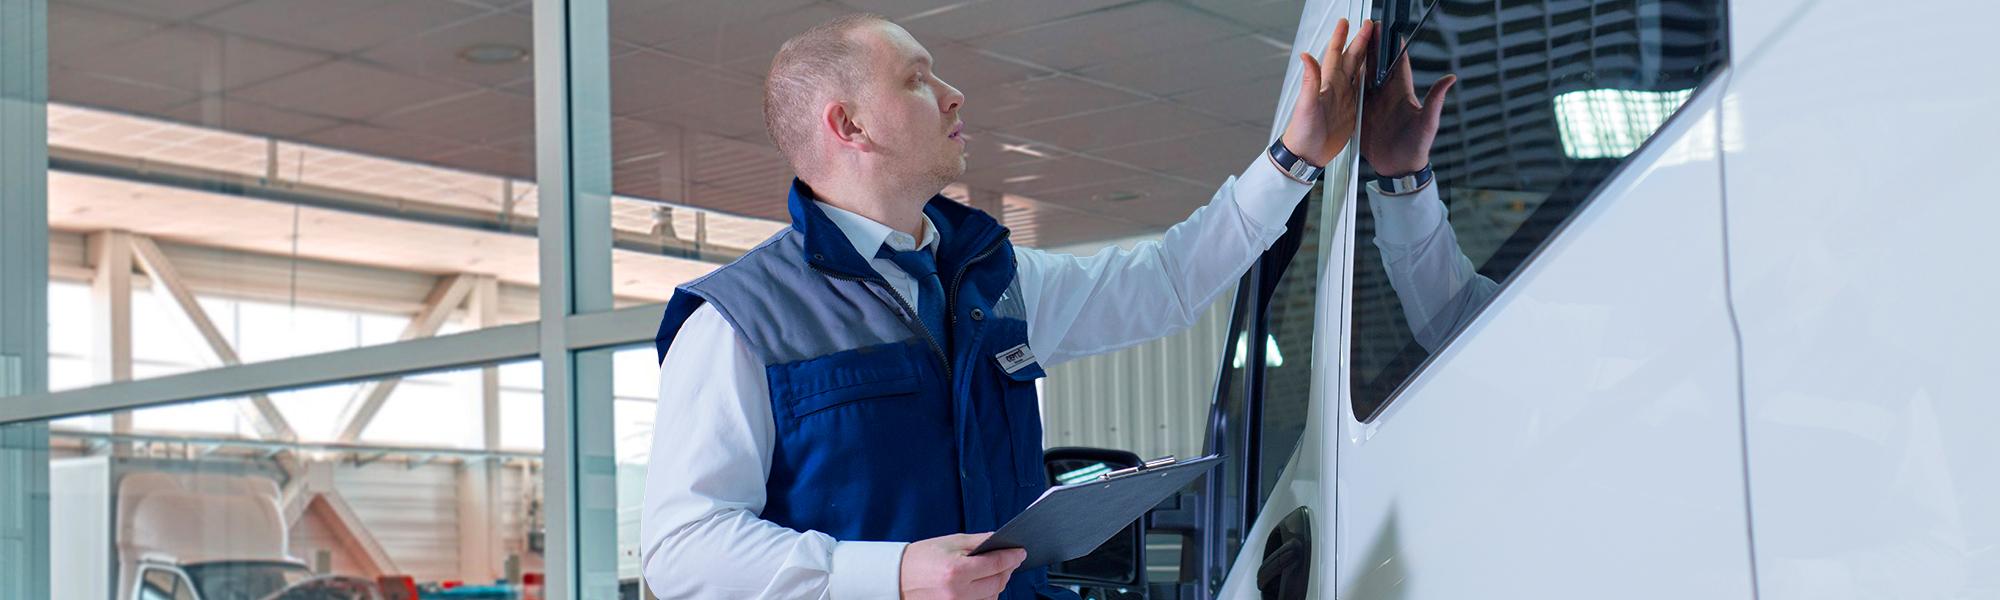 В нашем сервисном центре только оригинальные запасные части, квалифицированный персонал и контрольная проверка качества выполненных работ